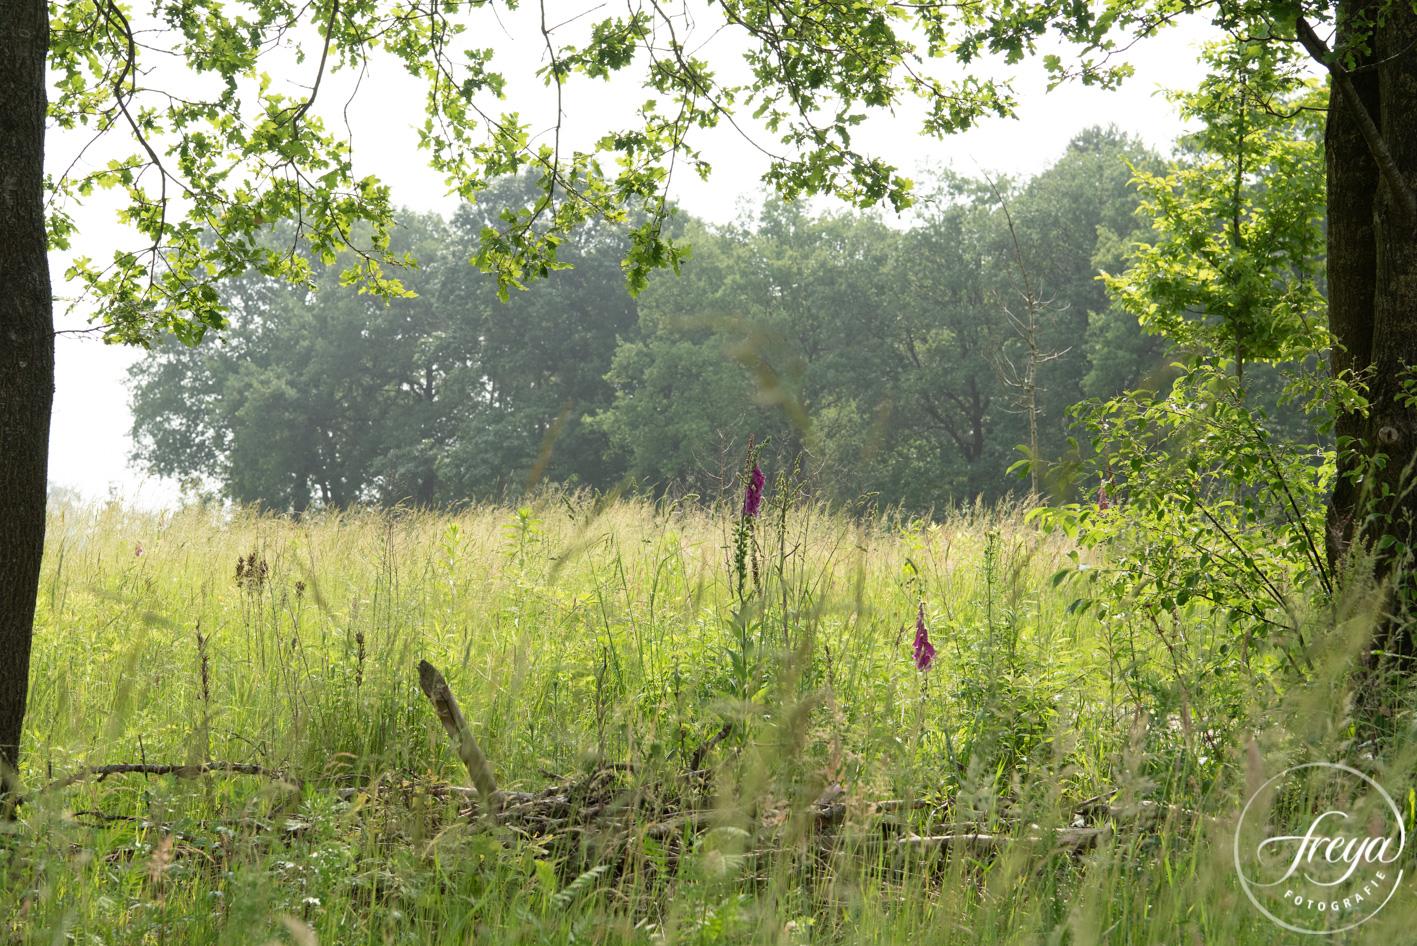 natuurbegraafplaats Maashorst doorkijkje naar weide